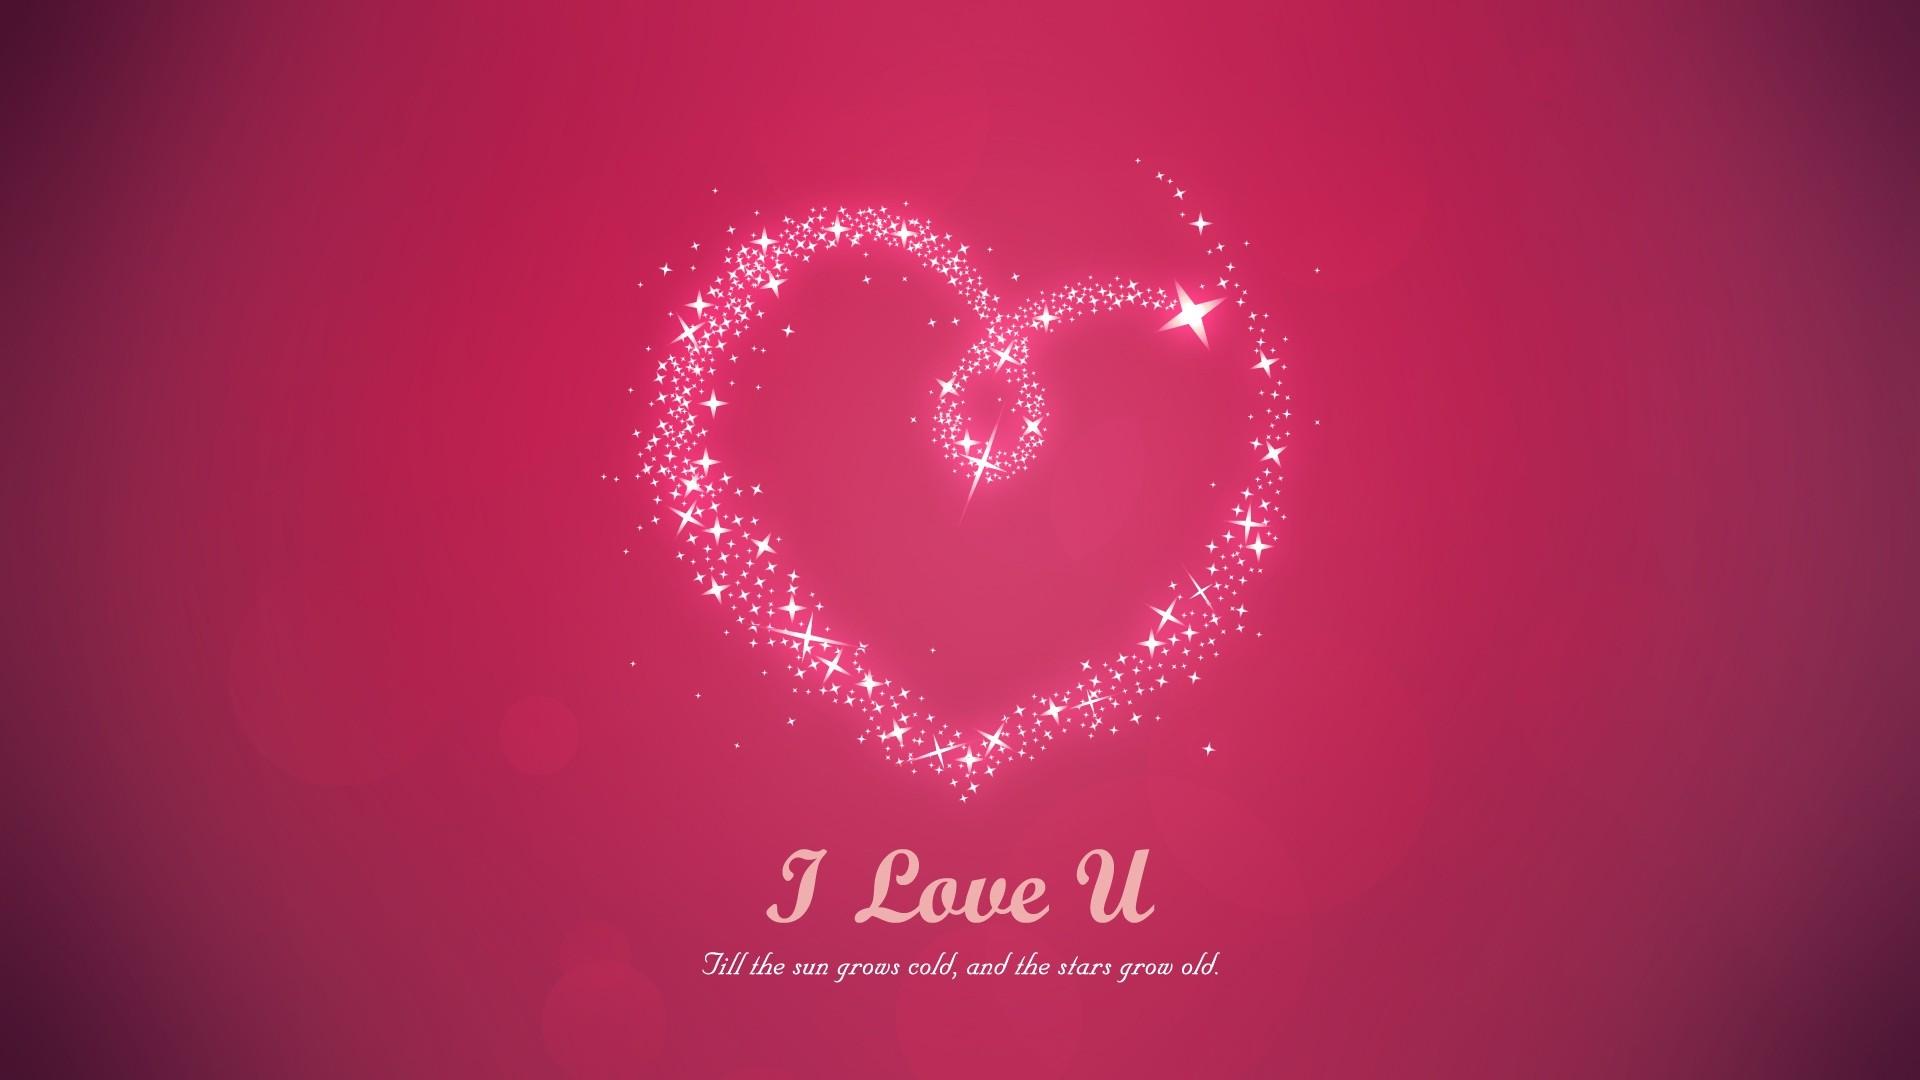 I Love You 4k Images